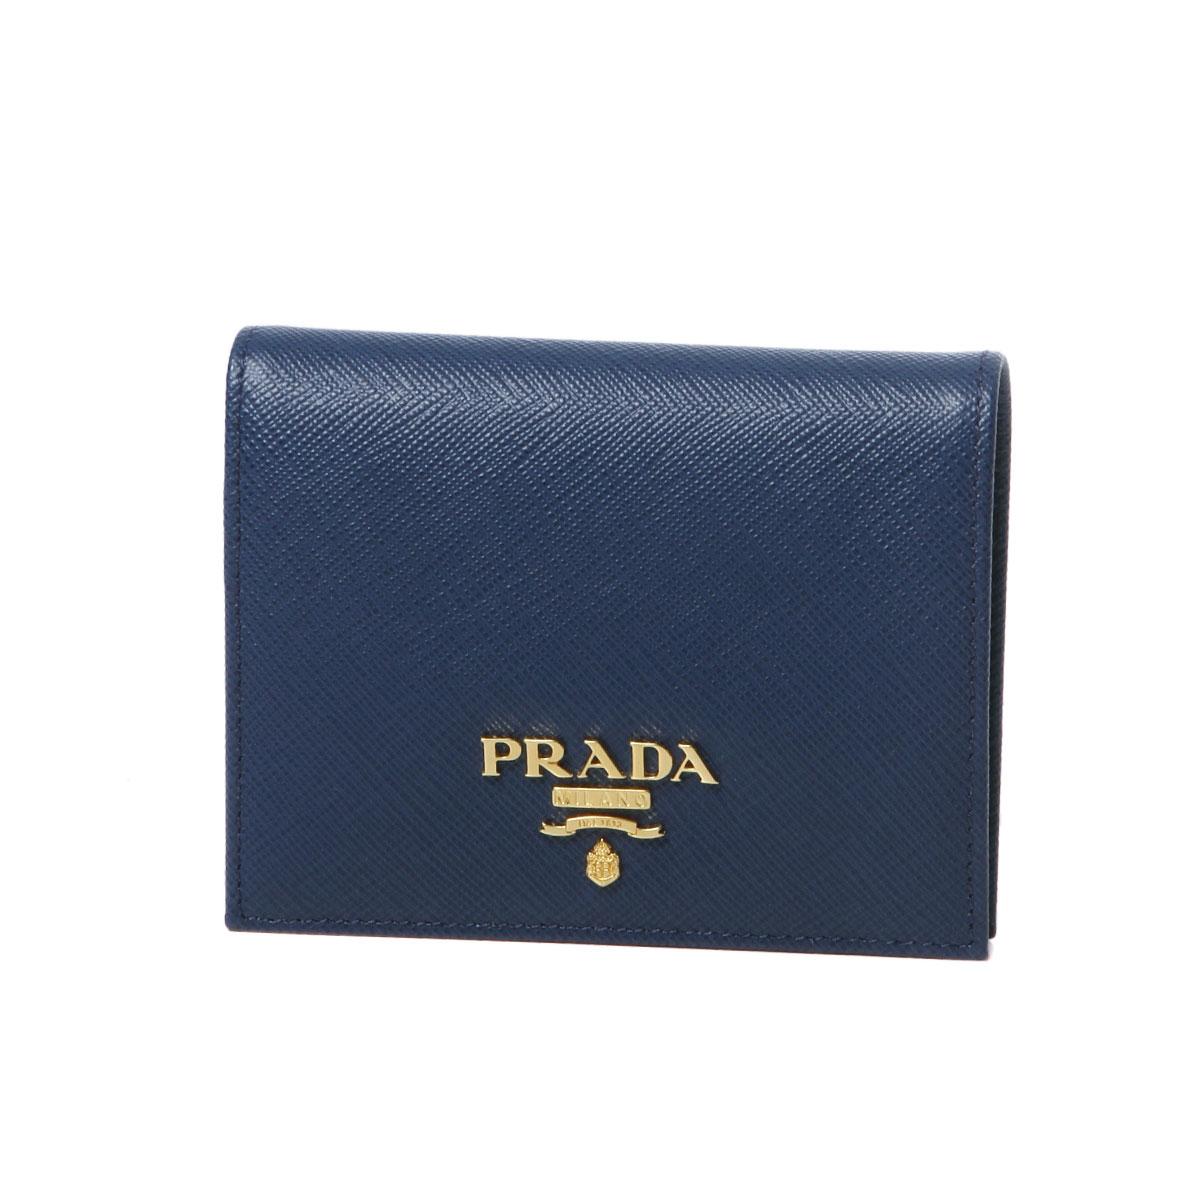 プラダ PRADA 財布 レディース 1MV204 QWA F0016 二つ折り財布 SAFFIANO METAL BLUETTE ダークブルー